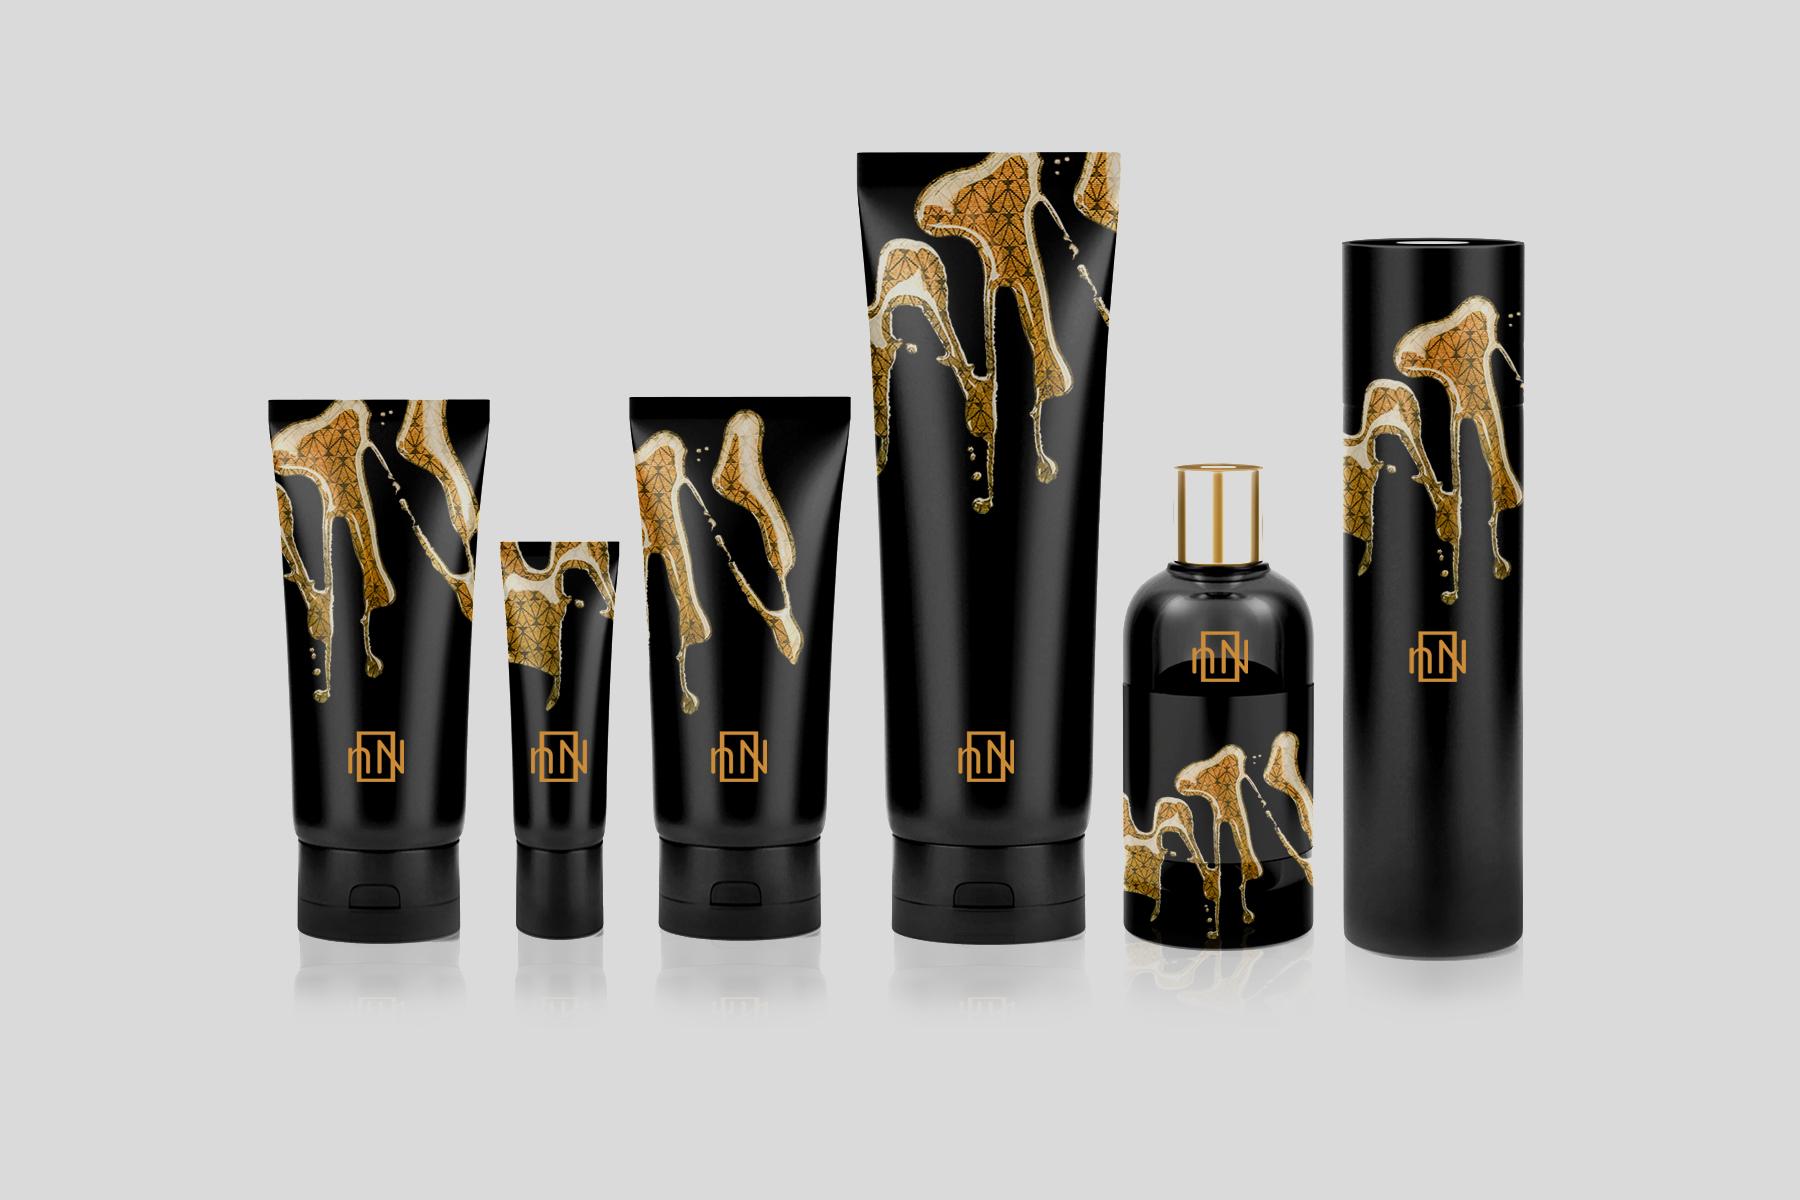 packaging design by Anke Tashiro